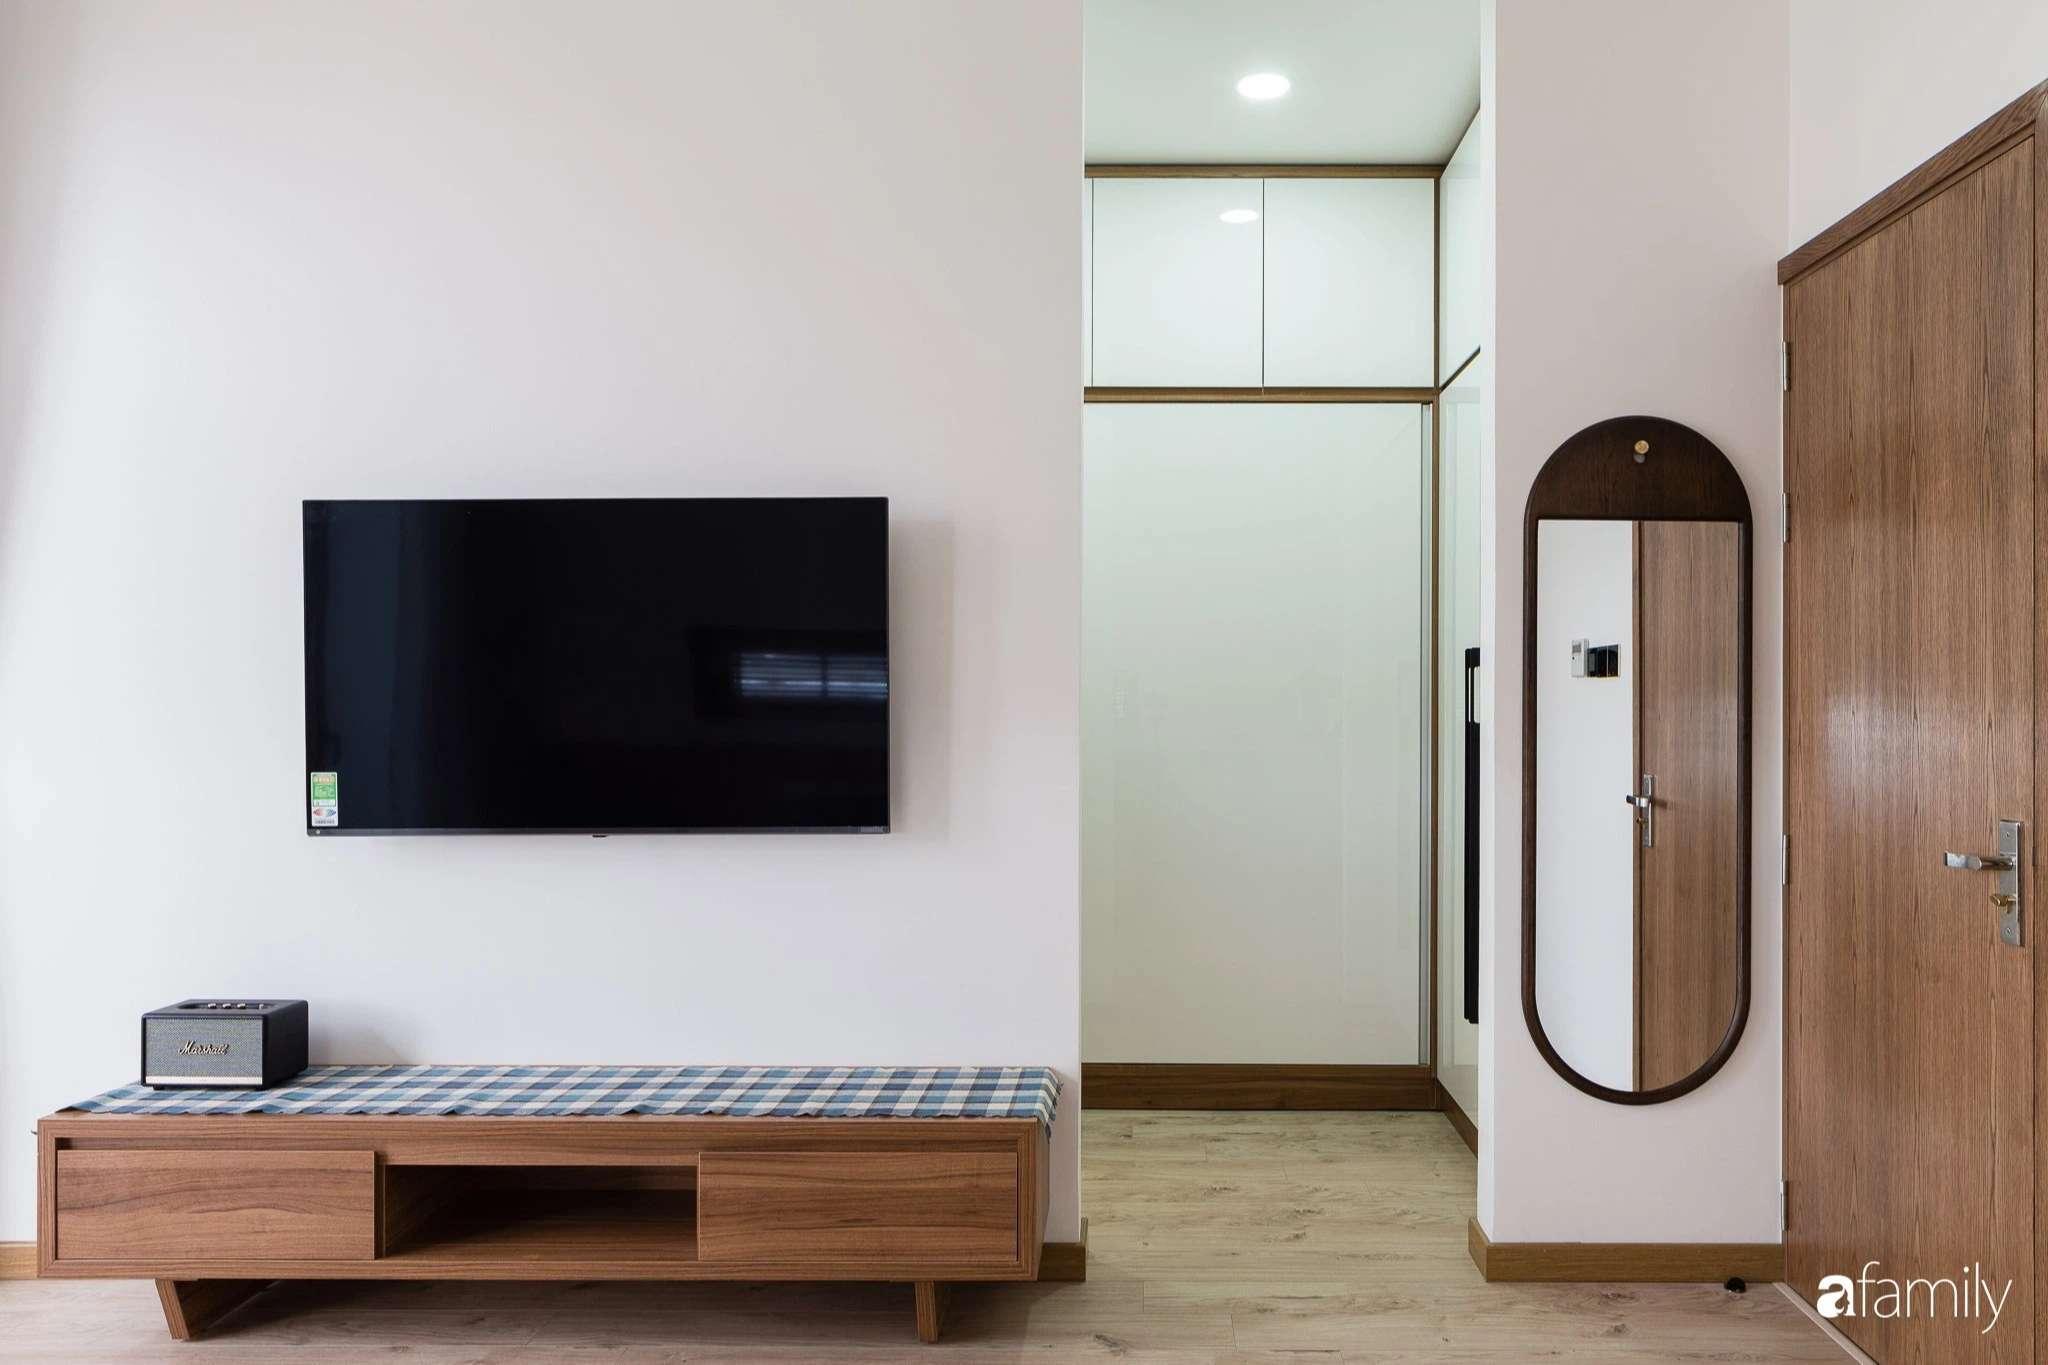 Mỗi căn phòng đều hướng tầm nhìn ra bên ngoài, thoải mái cảm nhận ánh sáng nhờ bước chuyển thời gian từ lam gỗ-1